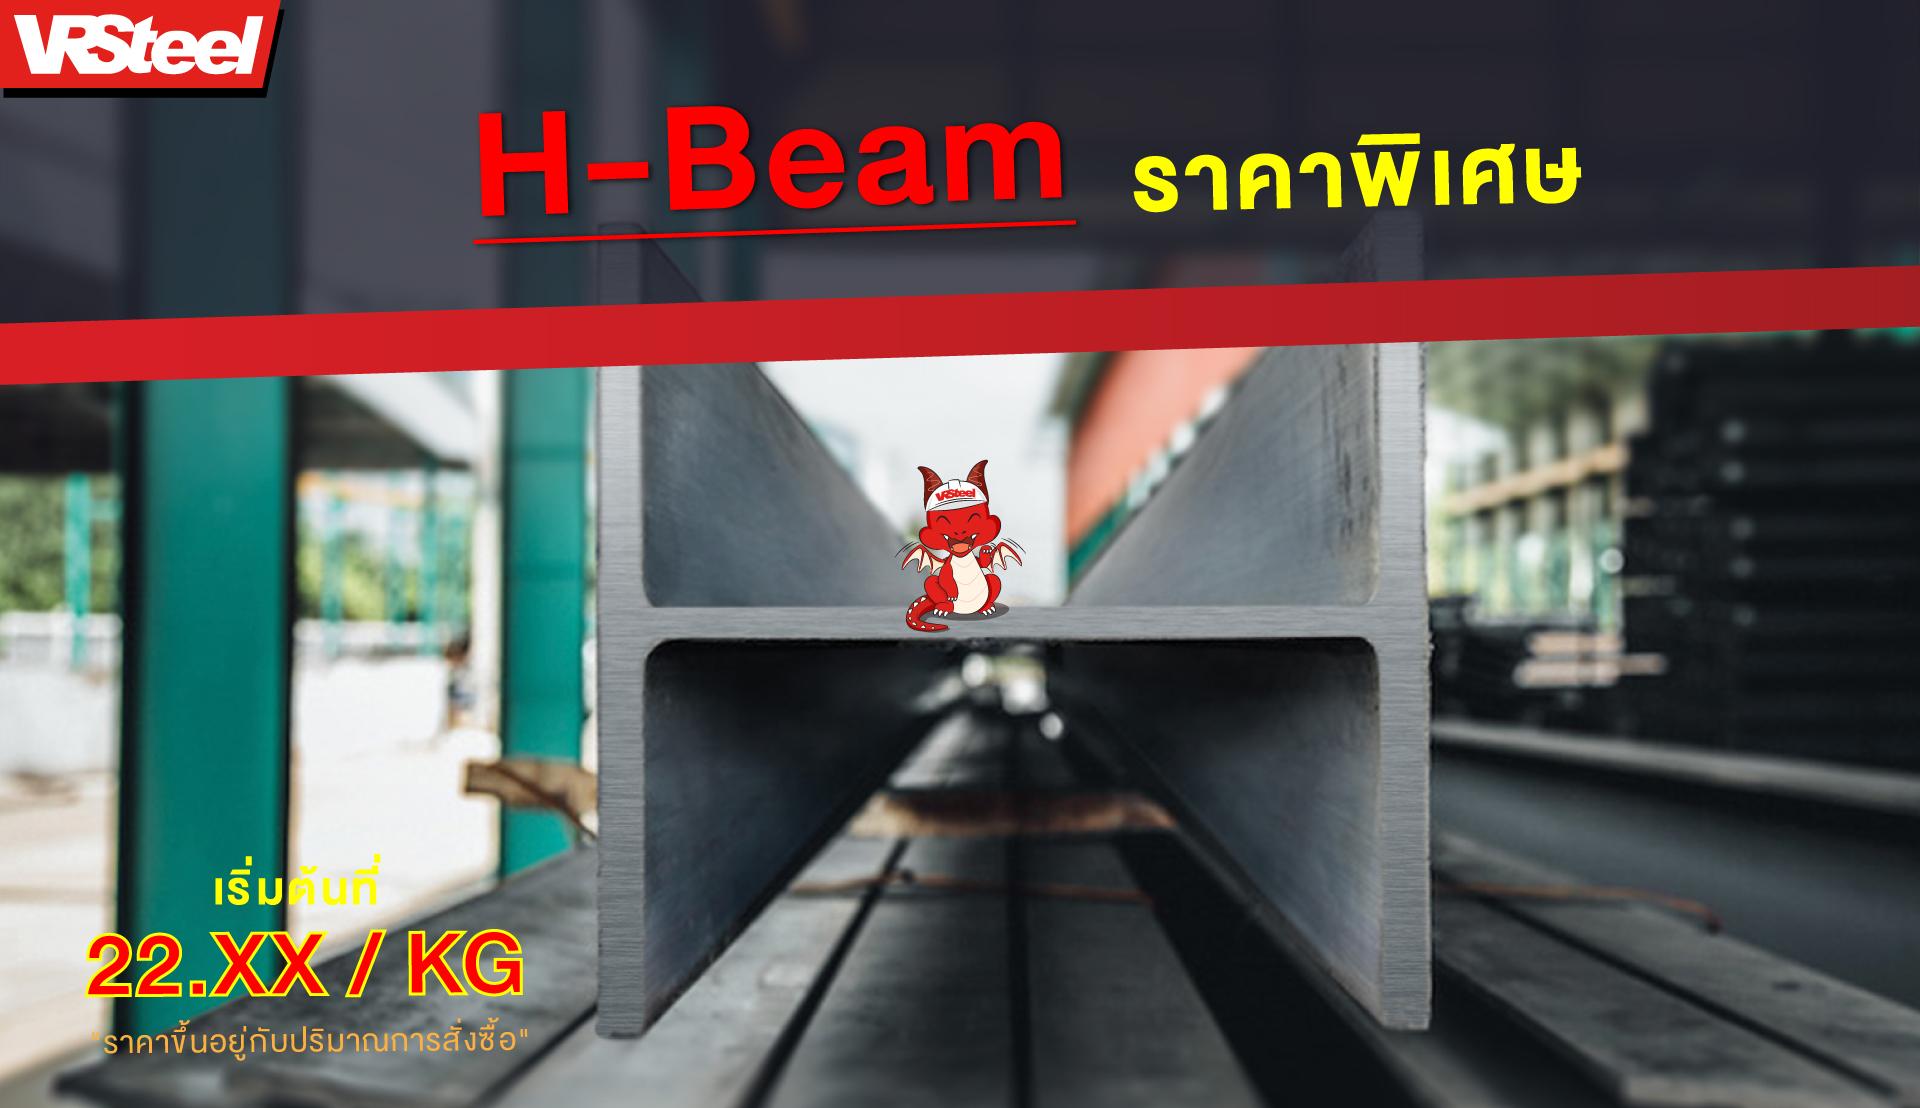 โปรโมชั่น H-Beam ราคาพิเศษ